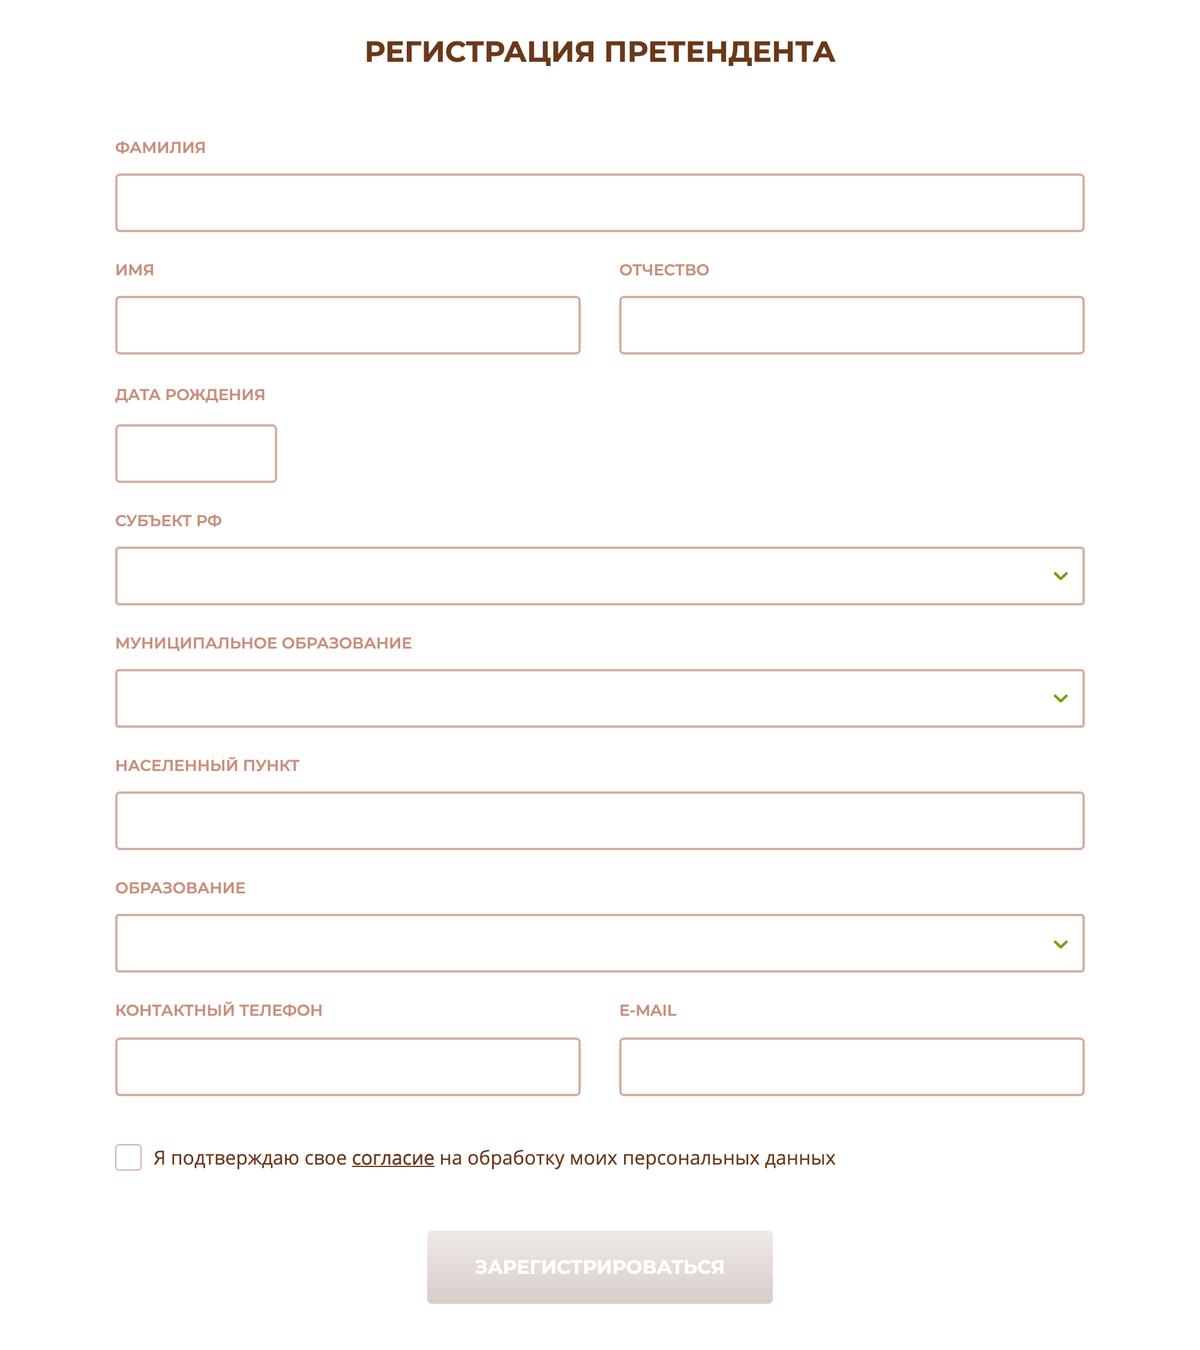 Здесь надо заполнить все поля формы и зарегистрироваться. На электронную почту придет письмо с логином и паролем от личного кабинета портала